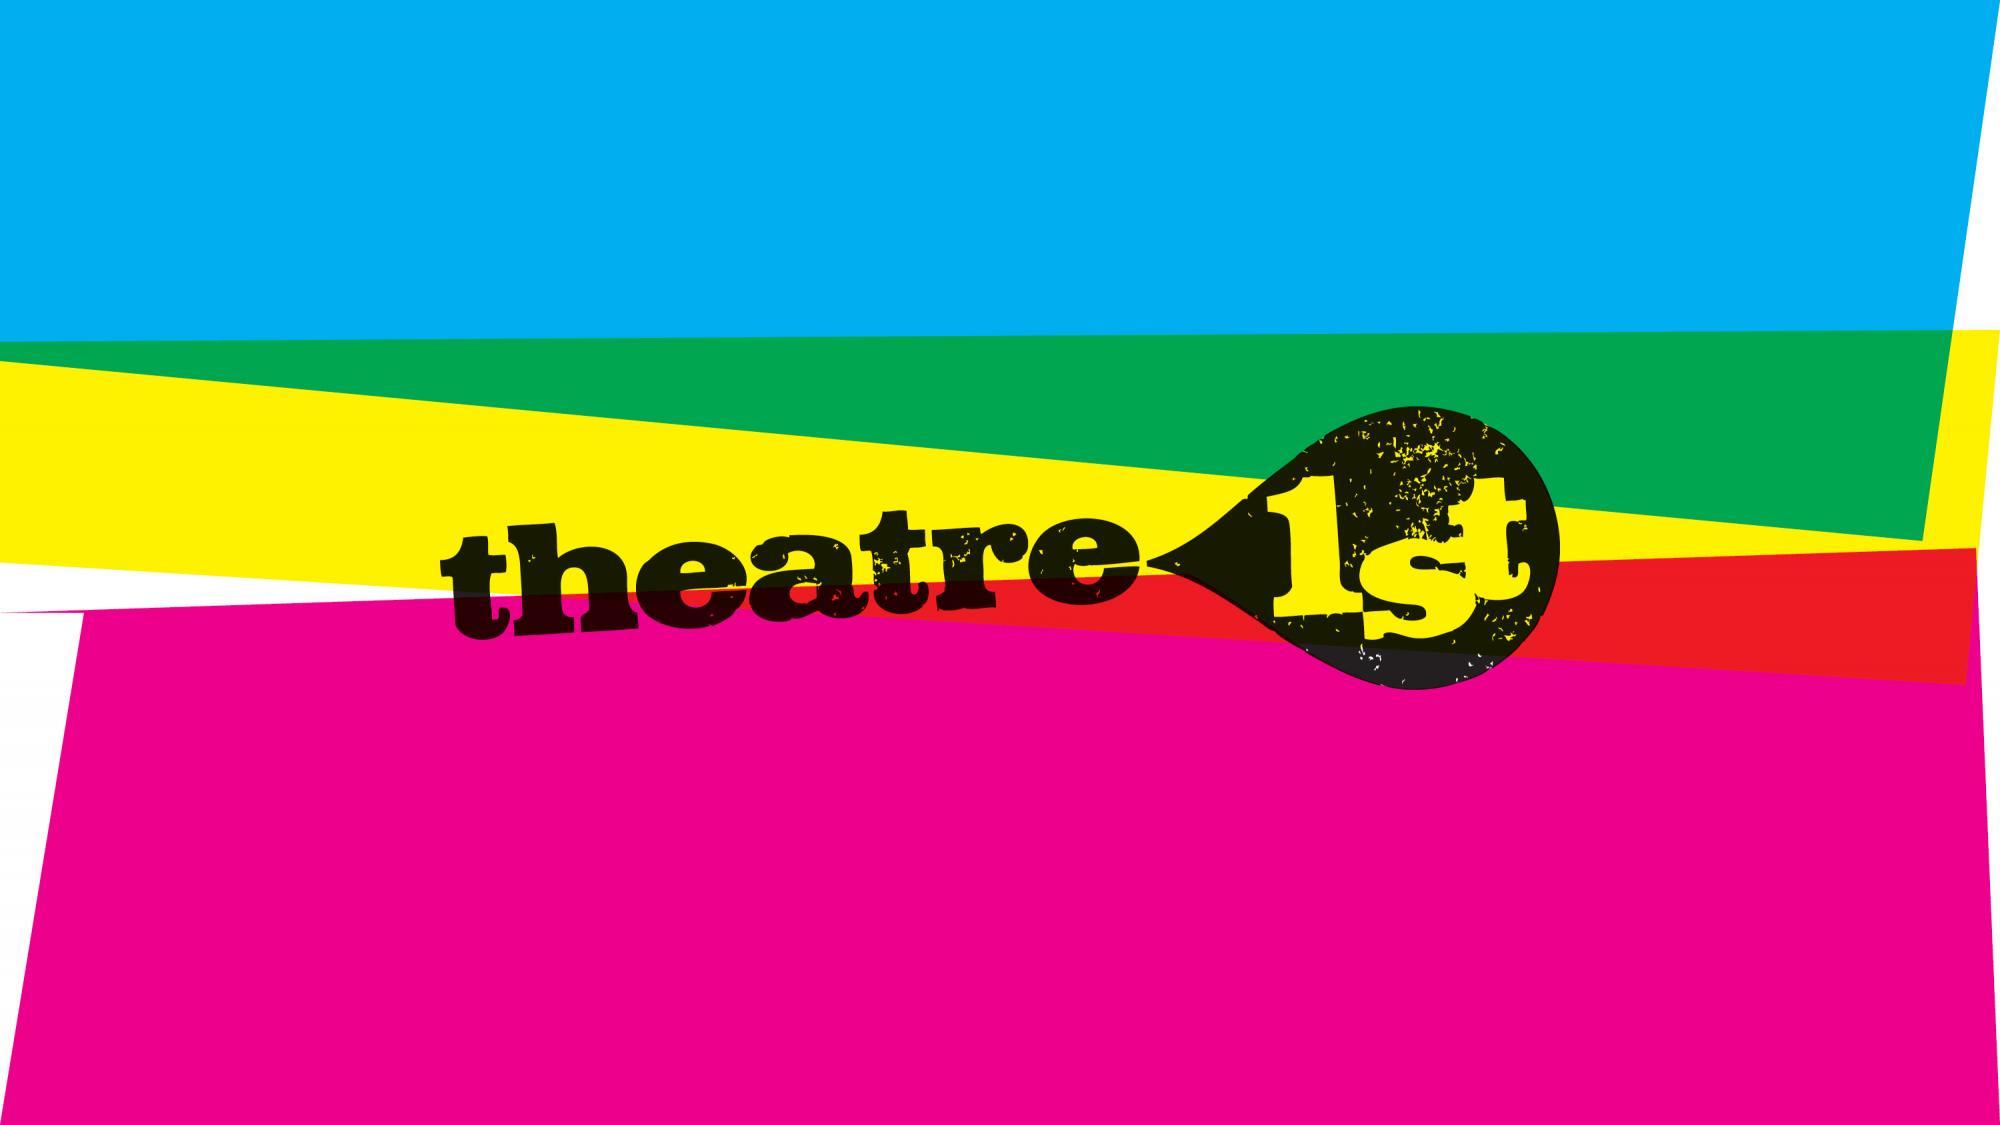 MINT_TheatreFIRST